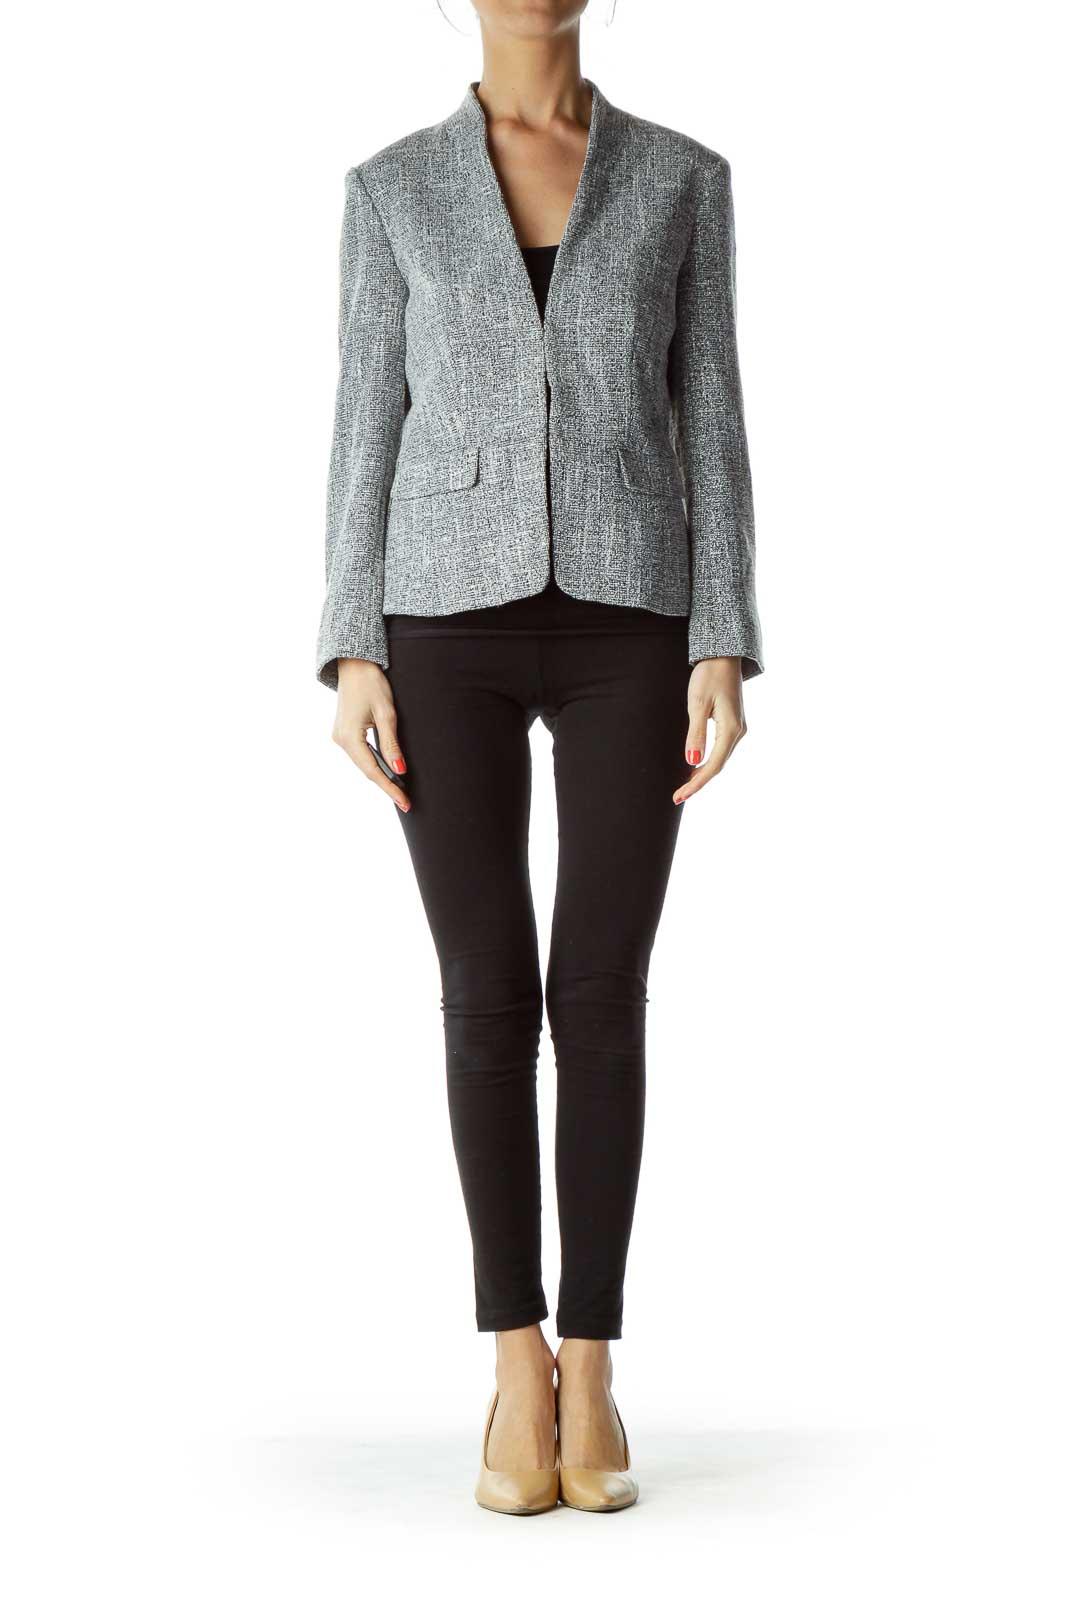 White Black Mottled Tweed Blazer